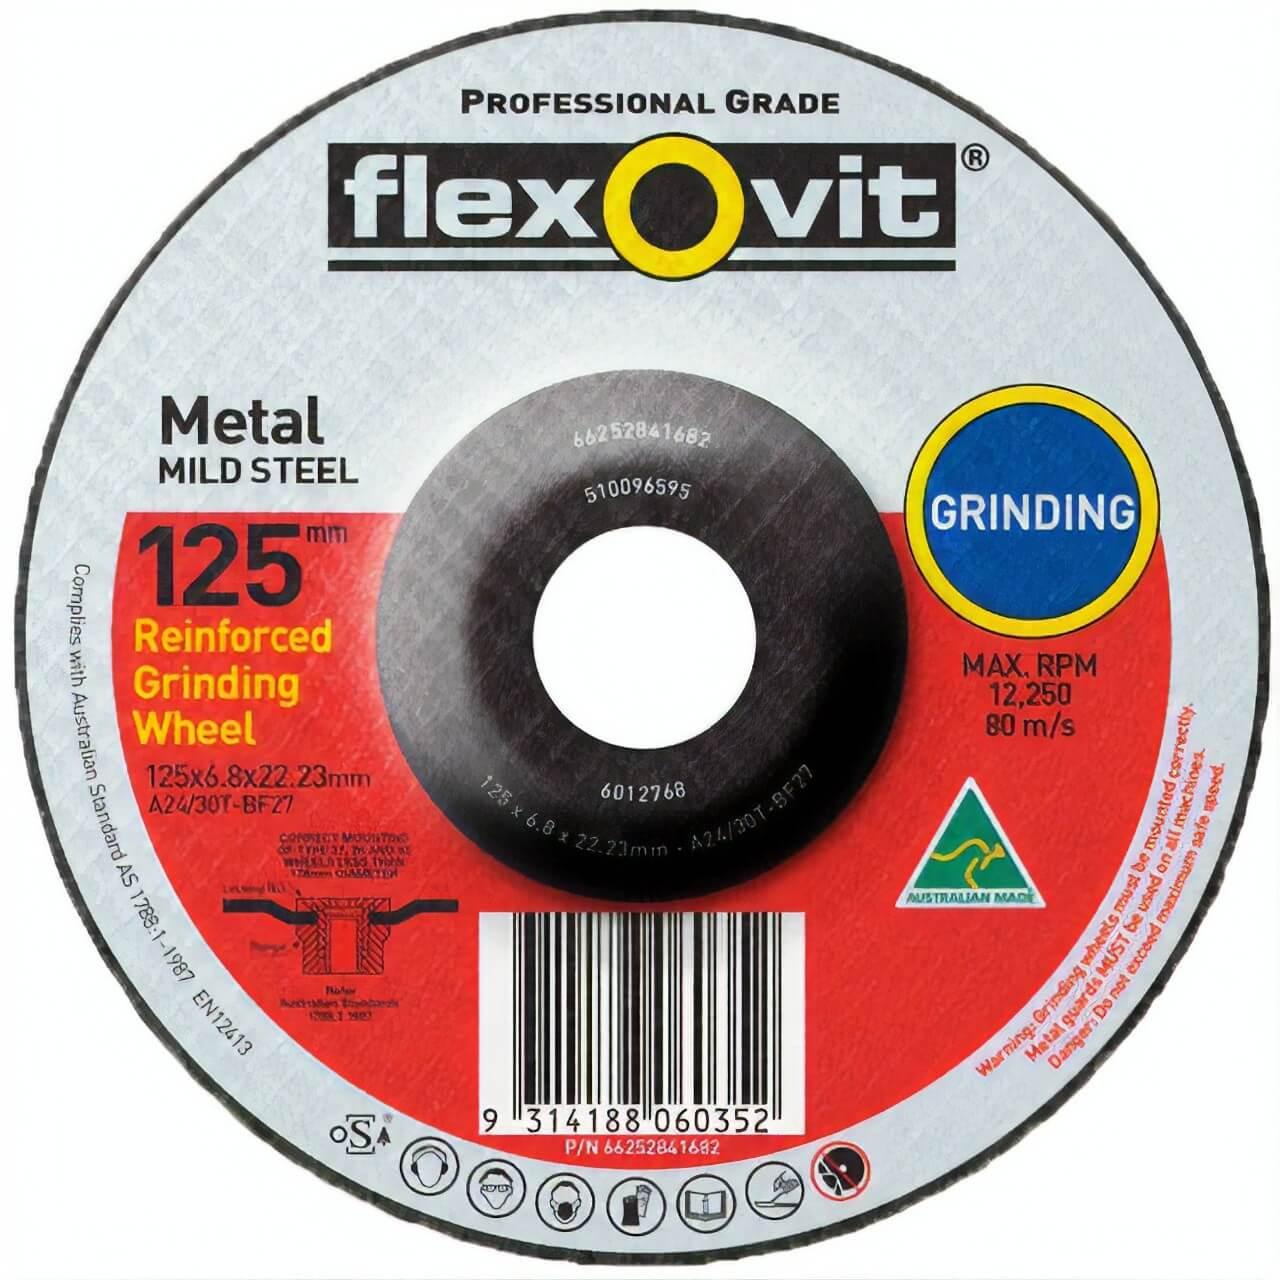 Flexovit A24/30T 125x6.8x22 Grinding Disc